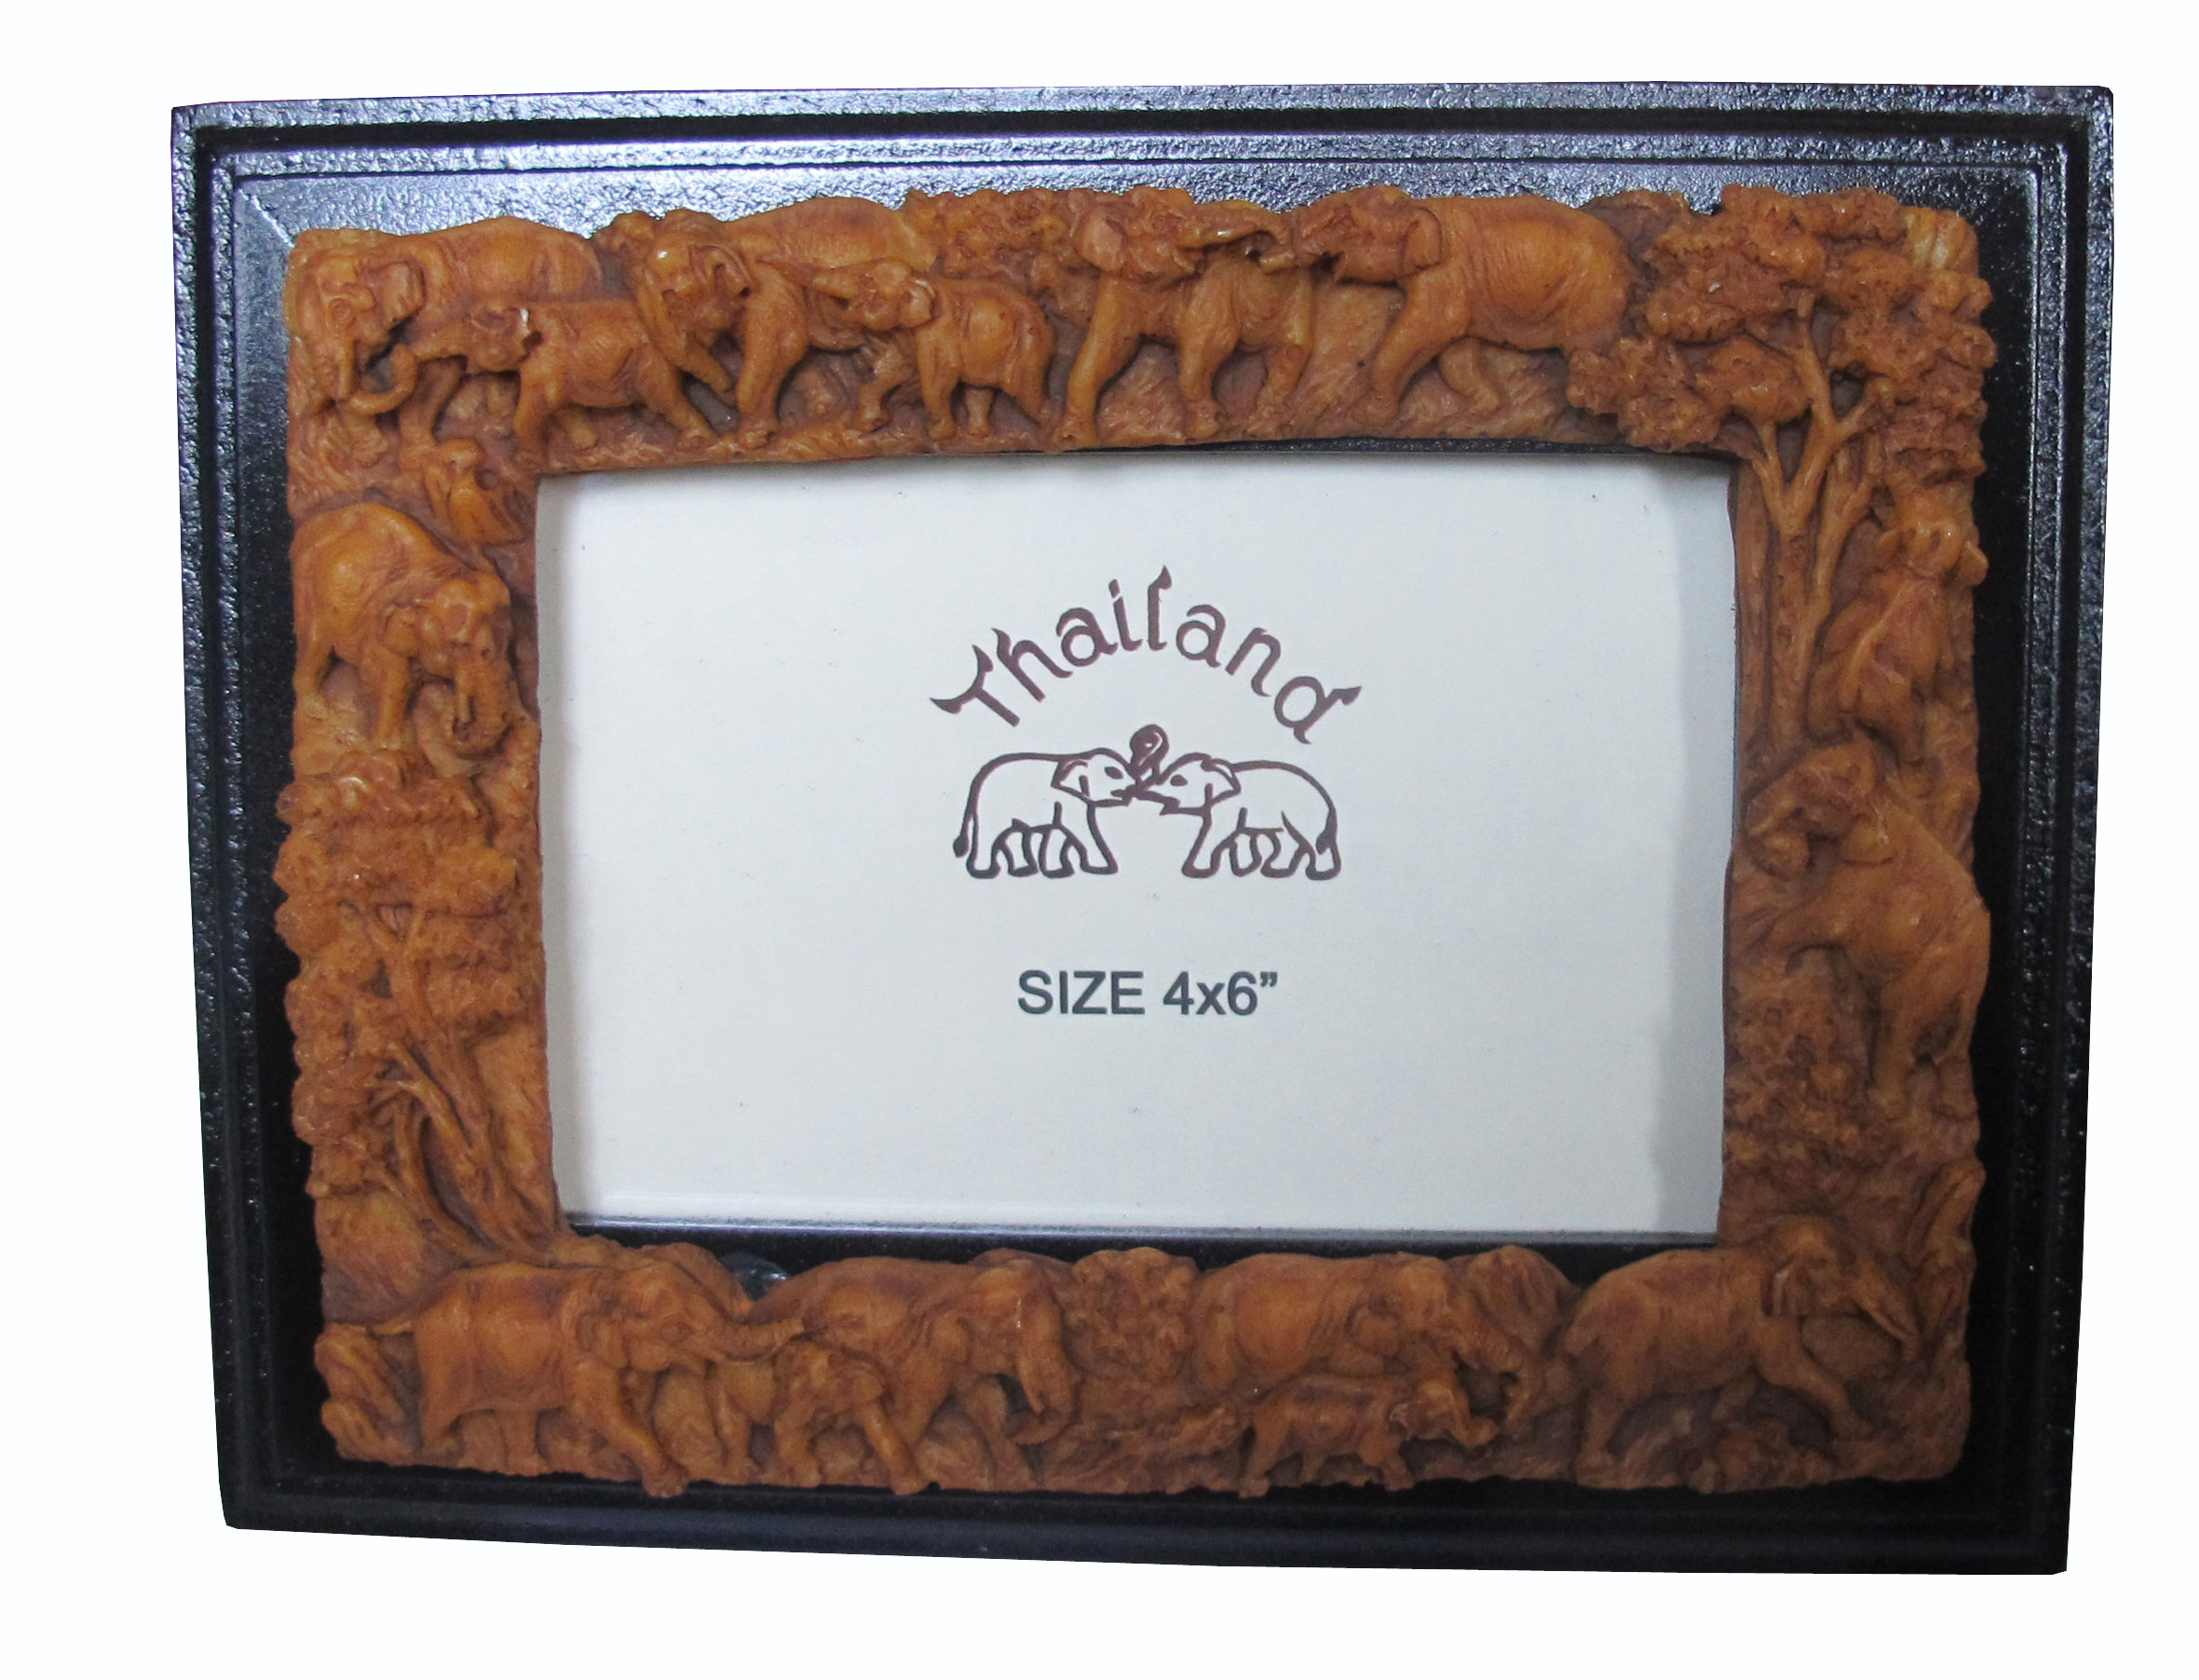 กรอบรูป ลวดลายช้างไทย ทำจากเรซิ่น ลวดลายสวยงาม เป็นสินค้าที่เรอค้ามาก